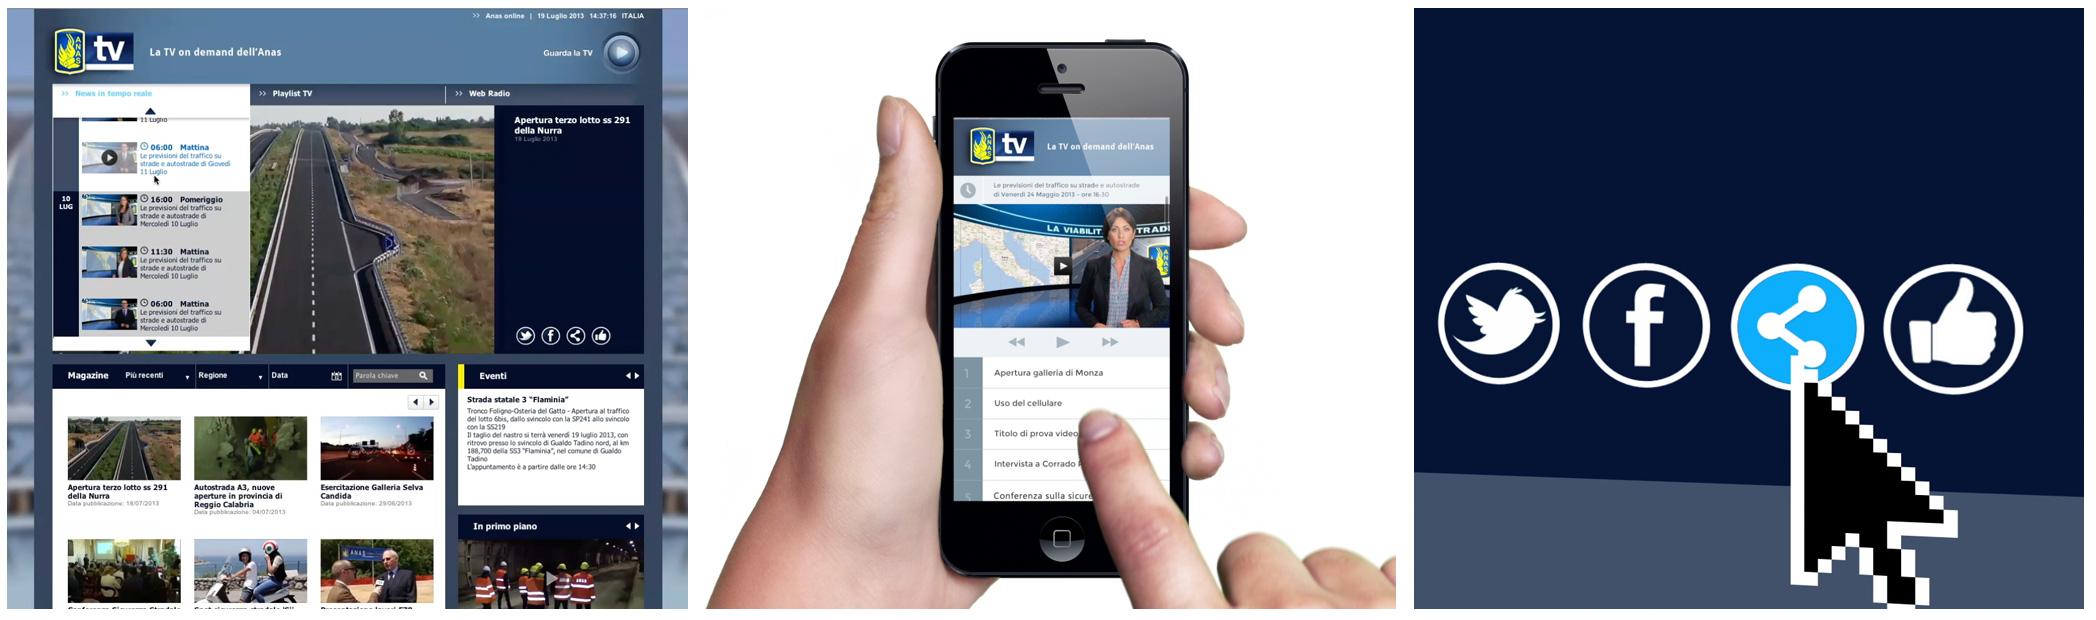 Funzionalità della webtv AnasTV, sharing sui siti e social network. Visualizzazione sui tutti i dispositivi e sui smartphone attraverso app dedicate per IOS e Android. Funzionalità della webtv AnasTV, sharing sui siti e social network. Visualizzazione sui tutti i dispositivi e sui smartphone attraverso app dedicate per IOS e Android.